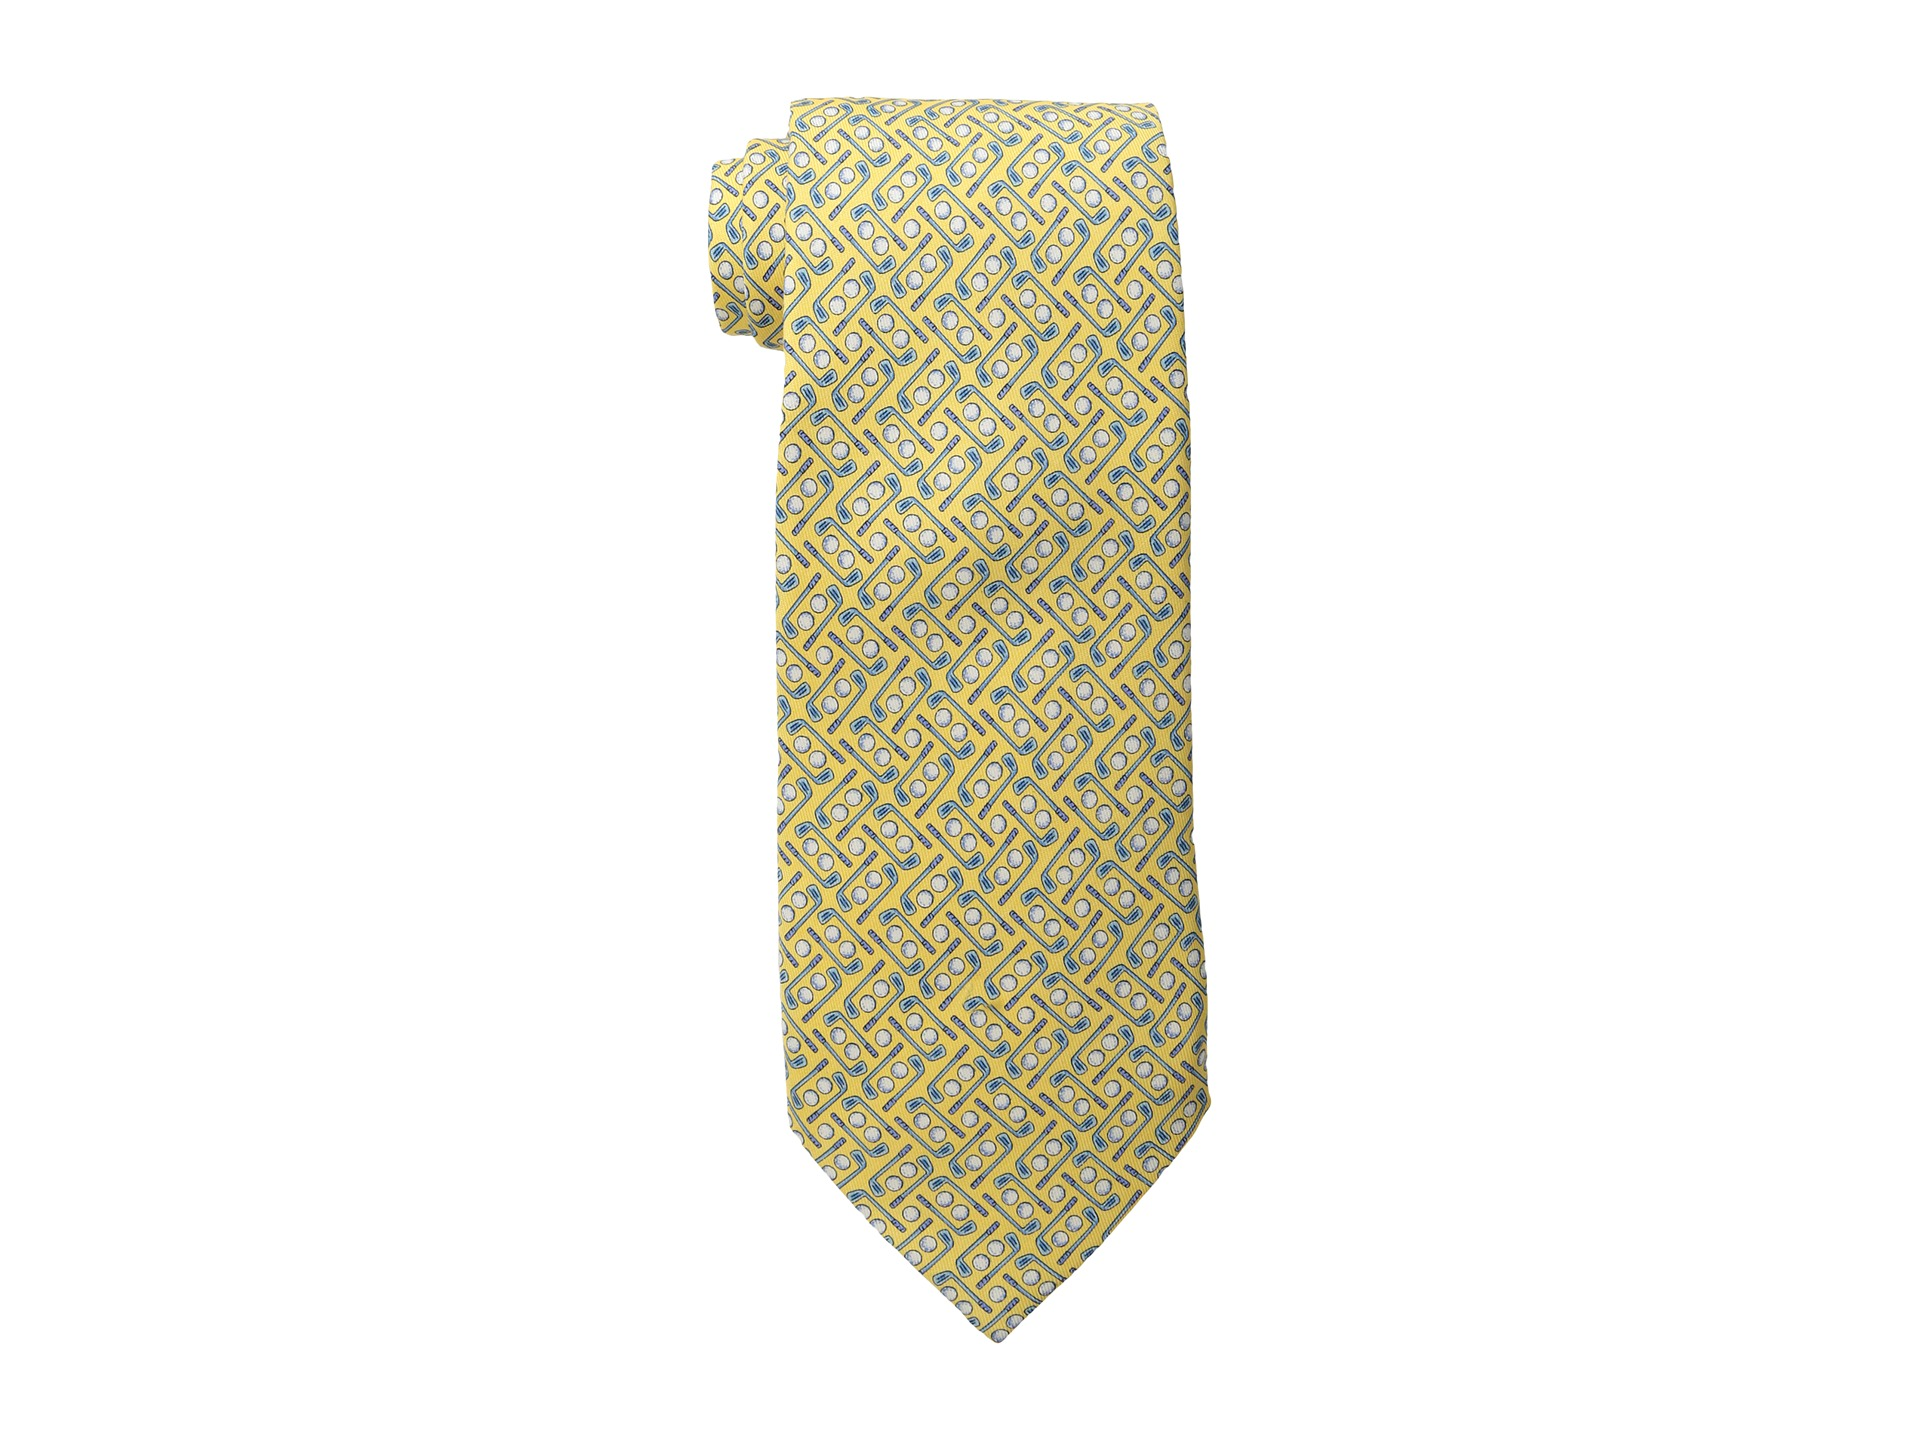 vineyard vines golf printed tie